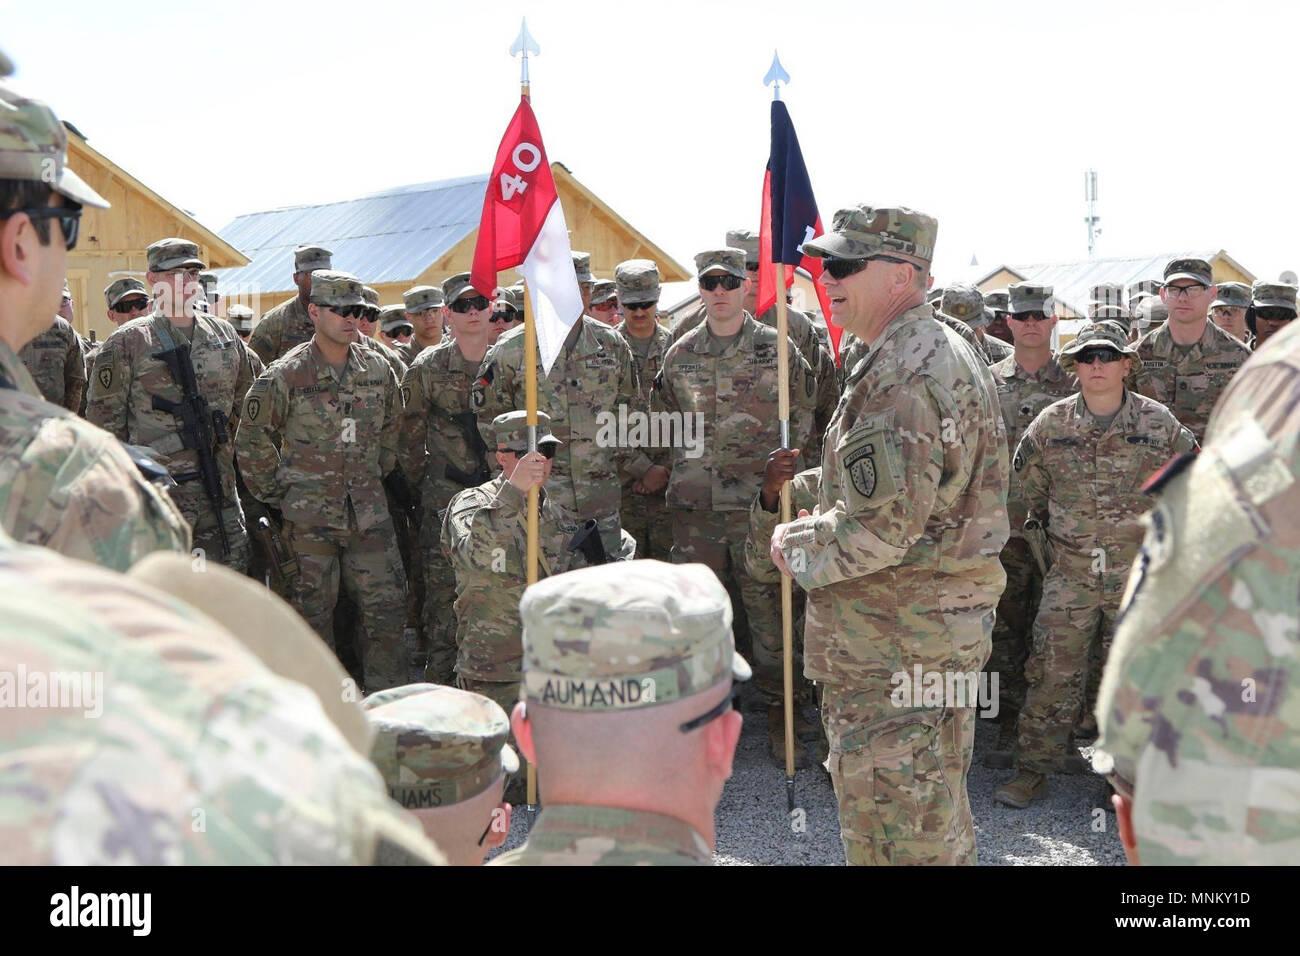 La asistencia de la fuerza de seguridad 1ª Brigada, Sargento Mayor de comando cmd. El Sgt. Gral. Christopher Gunn, direcciones militares asignados al Grupo de Tareas al sureste tras la primera ceremonia de la SFAB uncasing Advisor relámpagos de la plataforma, el 15 de marzo. Gunn agradeció a los soldados reunidos para dar la bienvenida a la SFAB 1TF Sudeste asesorar team. La primera SFAB y sus seis batallones sin entubar sus colores en todo Afganistán, simbólicamente, comienza su misión de formar, asesorar y ayudar a las fuerzas de seguridad de Defensa Nacional Afgana. Foto de stock